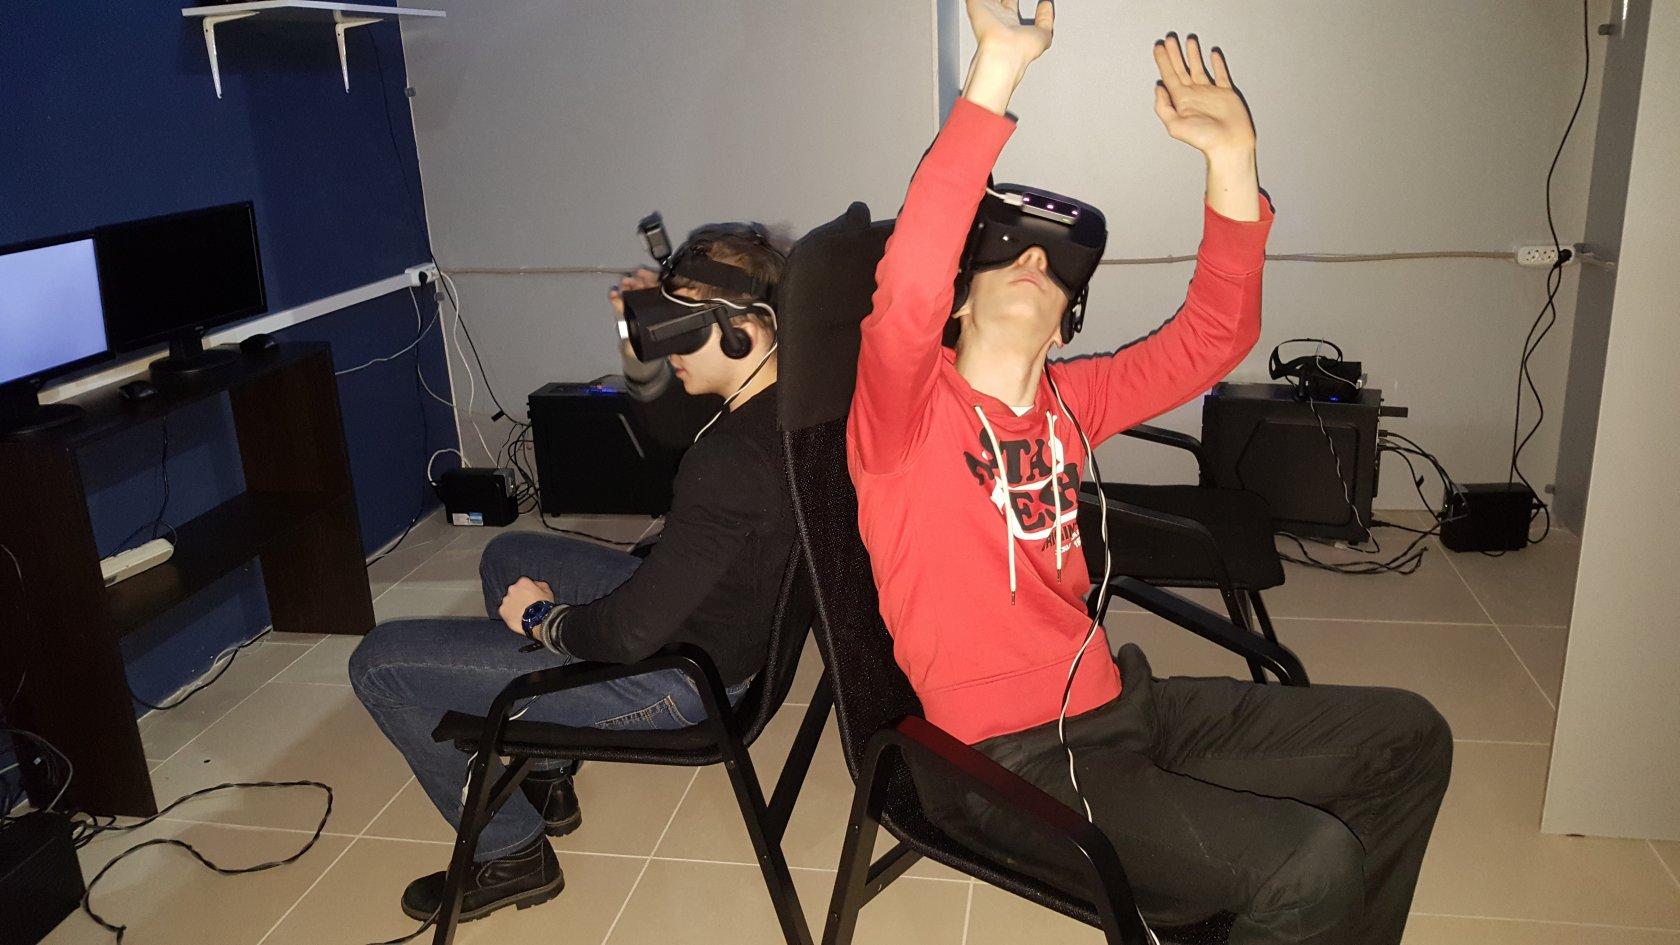 исполнения квест в виртуальной реальности конкурса: Заключение договора